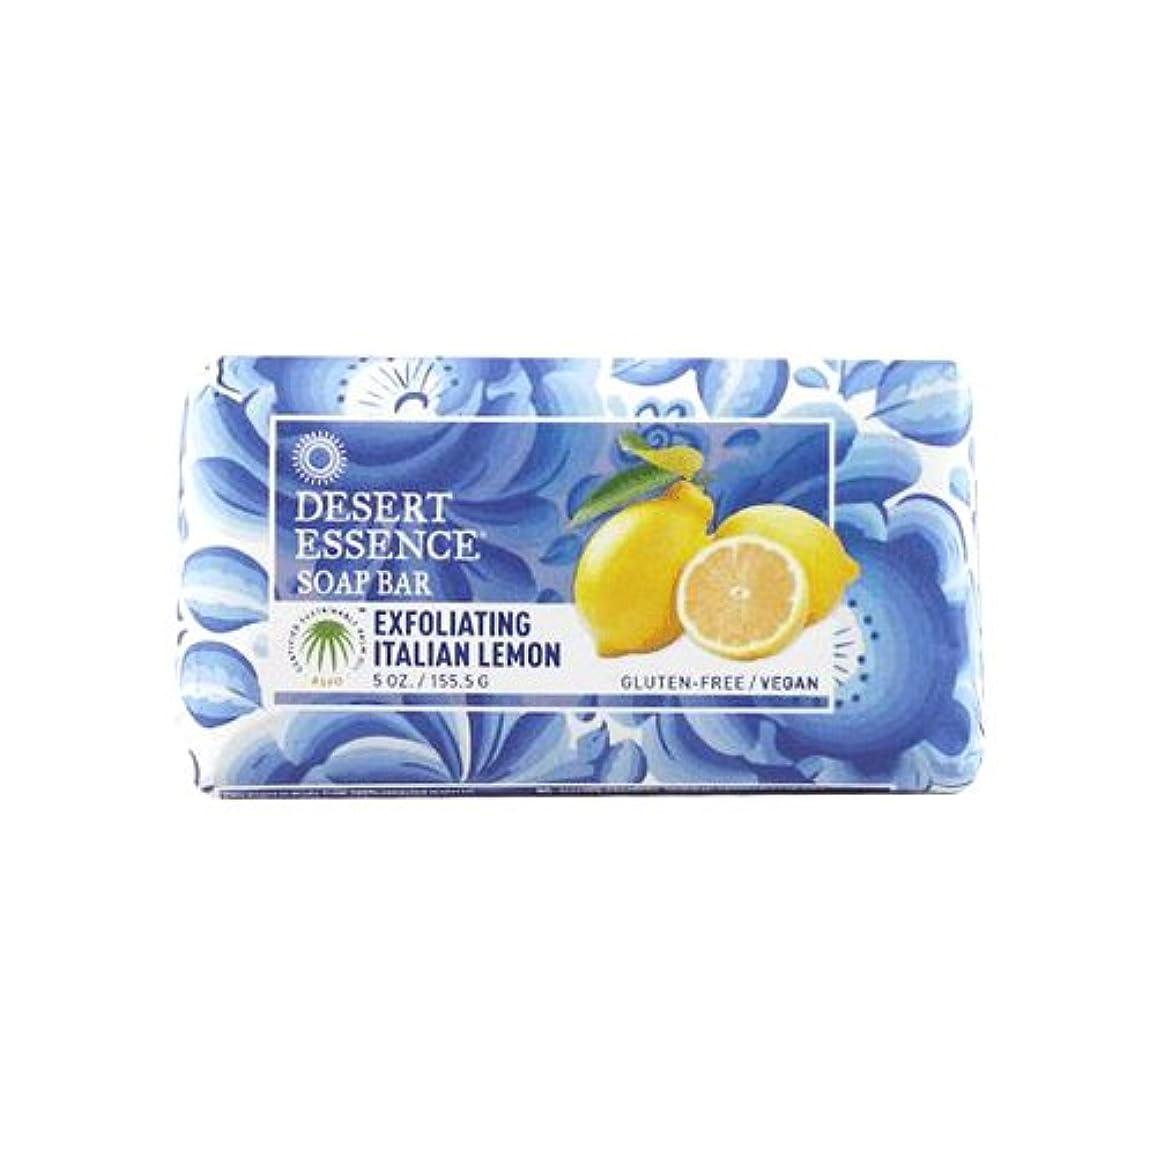 考古学振動する寛解Desert Essence Bar Soap - Exfoliating Italian Lemon - 5 oz